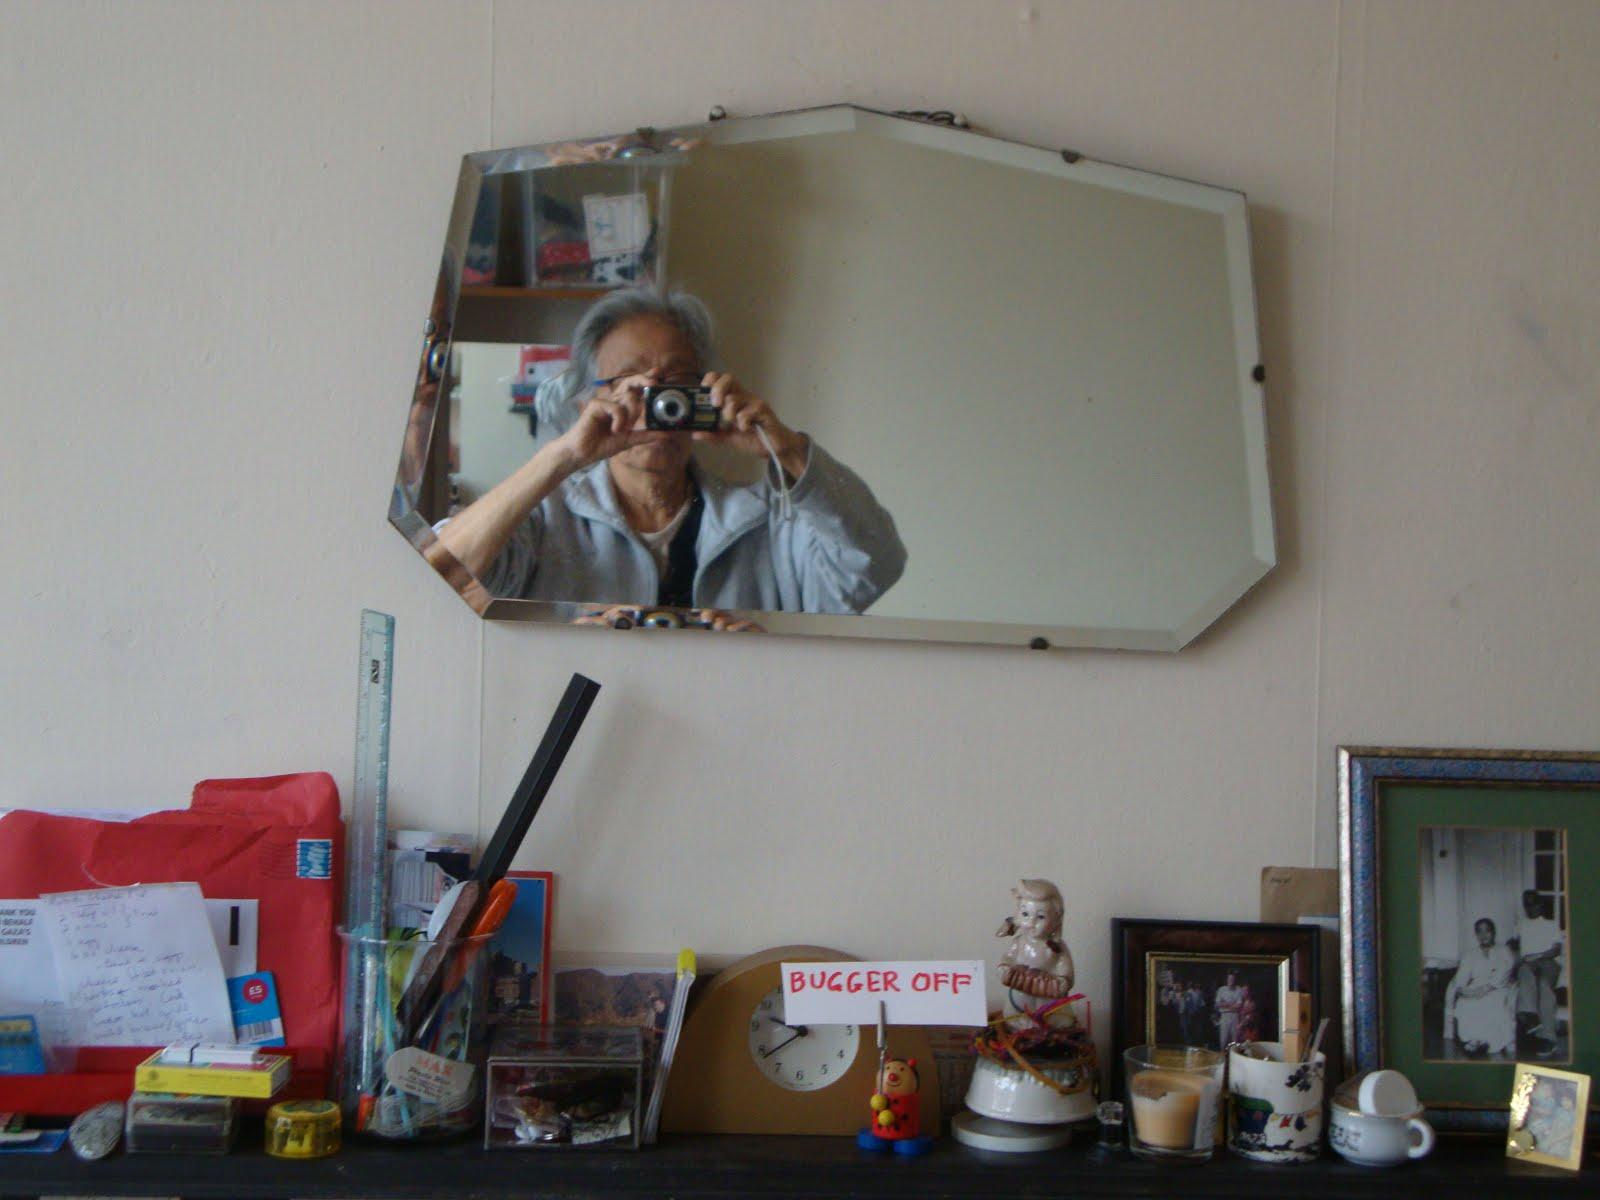 Mirror Image - May 2019